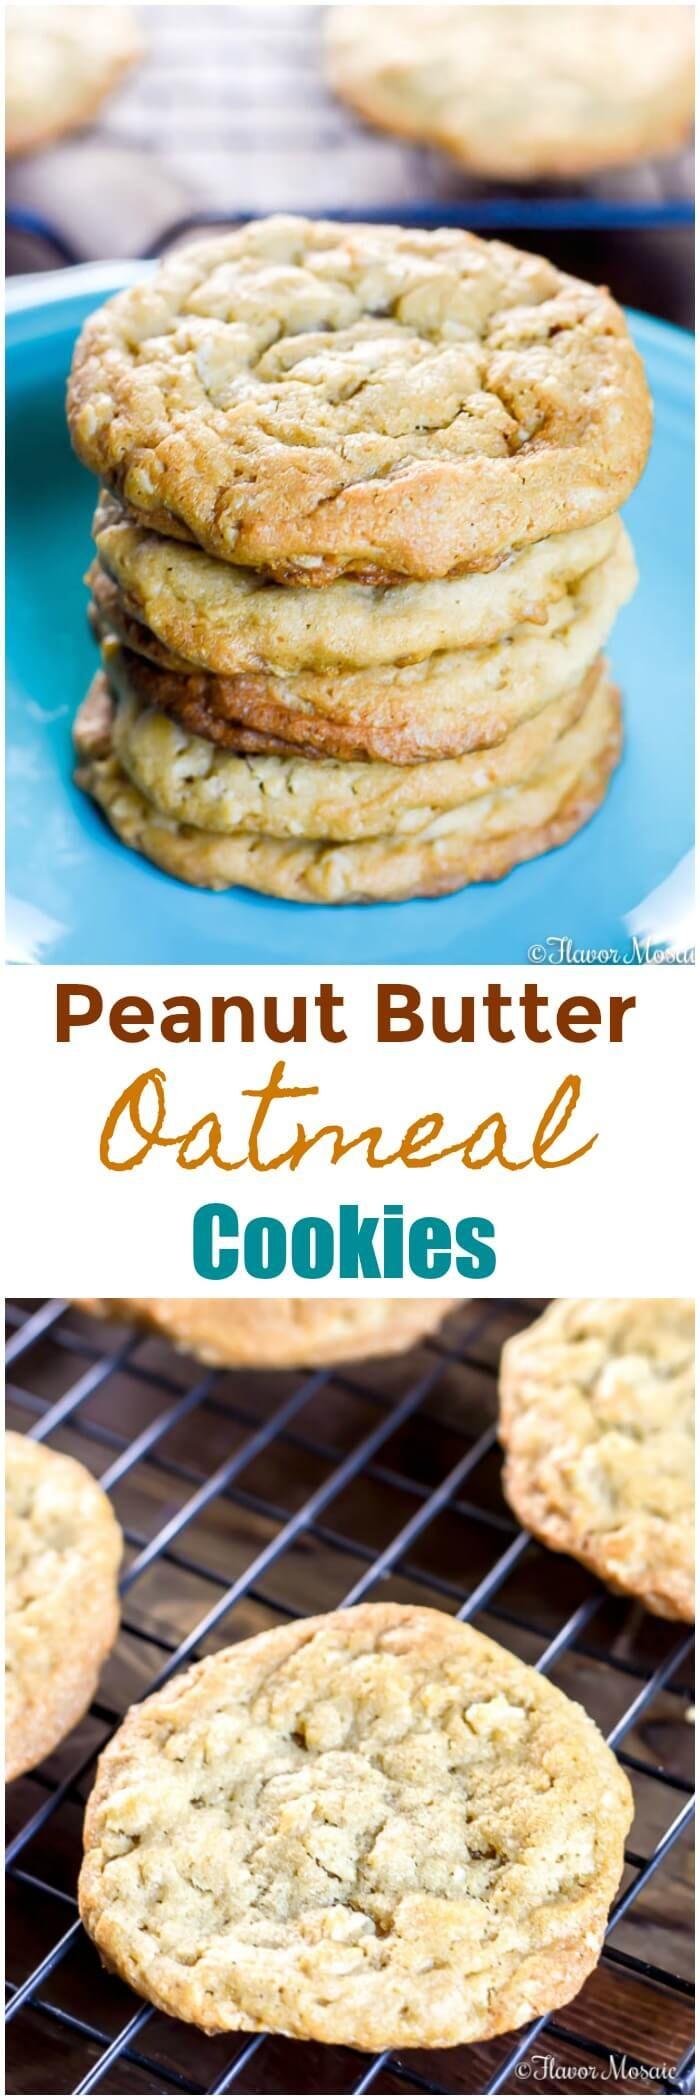 Peanut Butter Oatmeal Cookies ~ https://FlavorMosaic.com